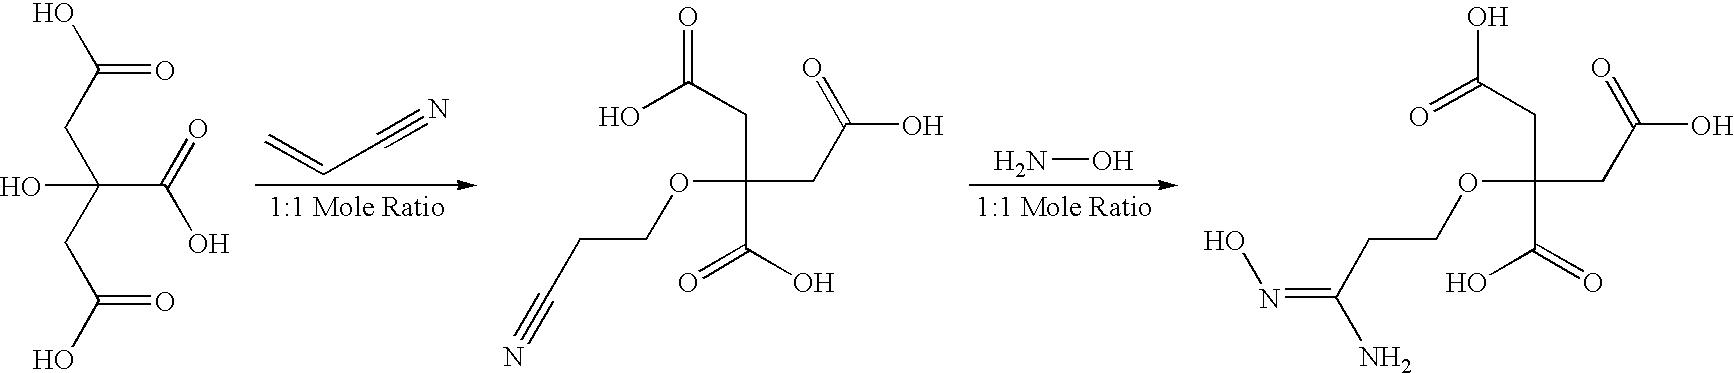 Figure US20090130849A1-20090521-C00034